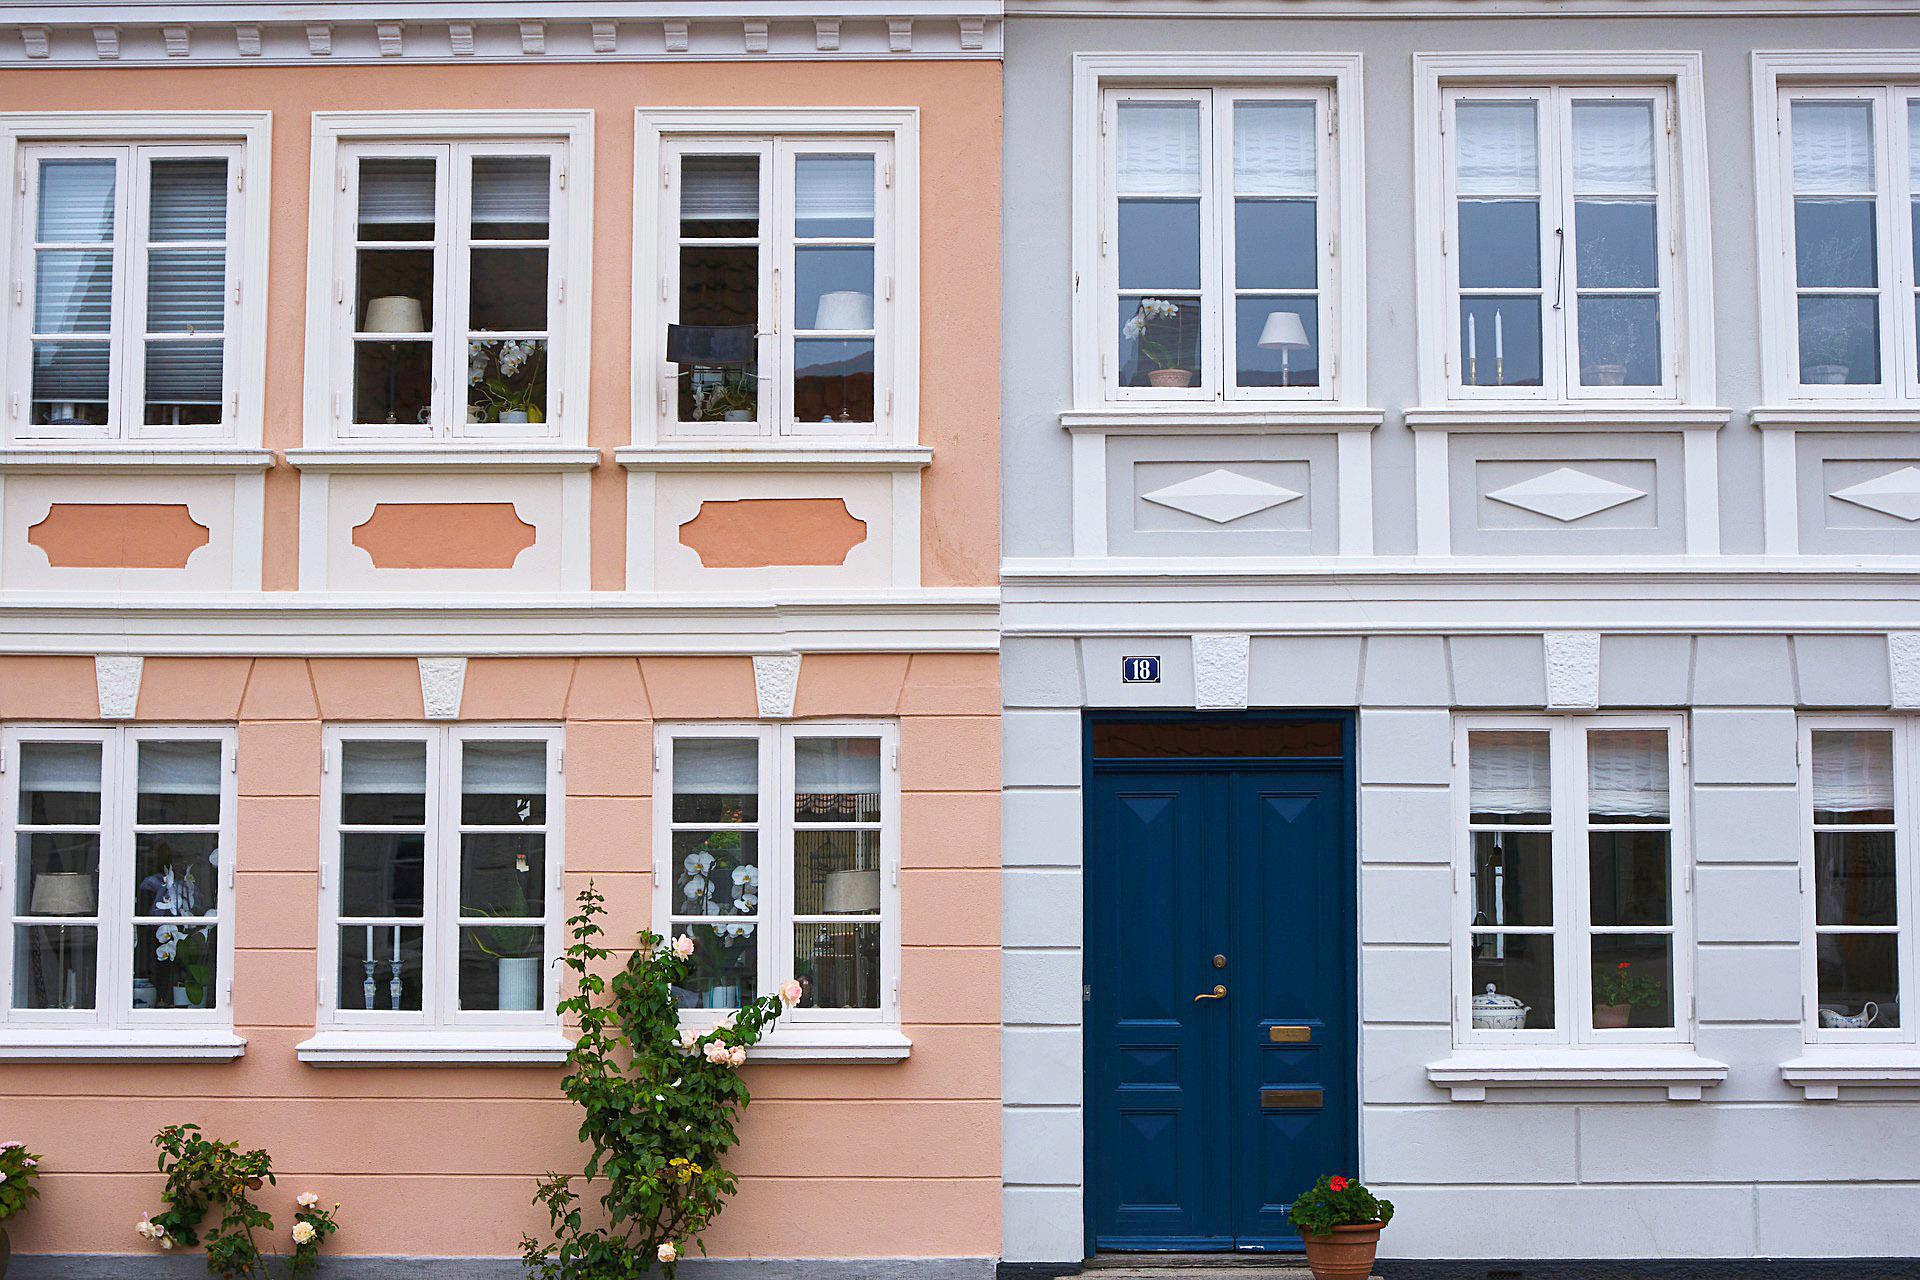 Umwandlung von Miet- in Eigentumswohnungen